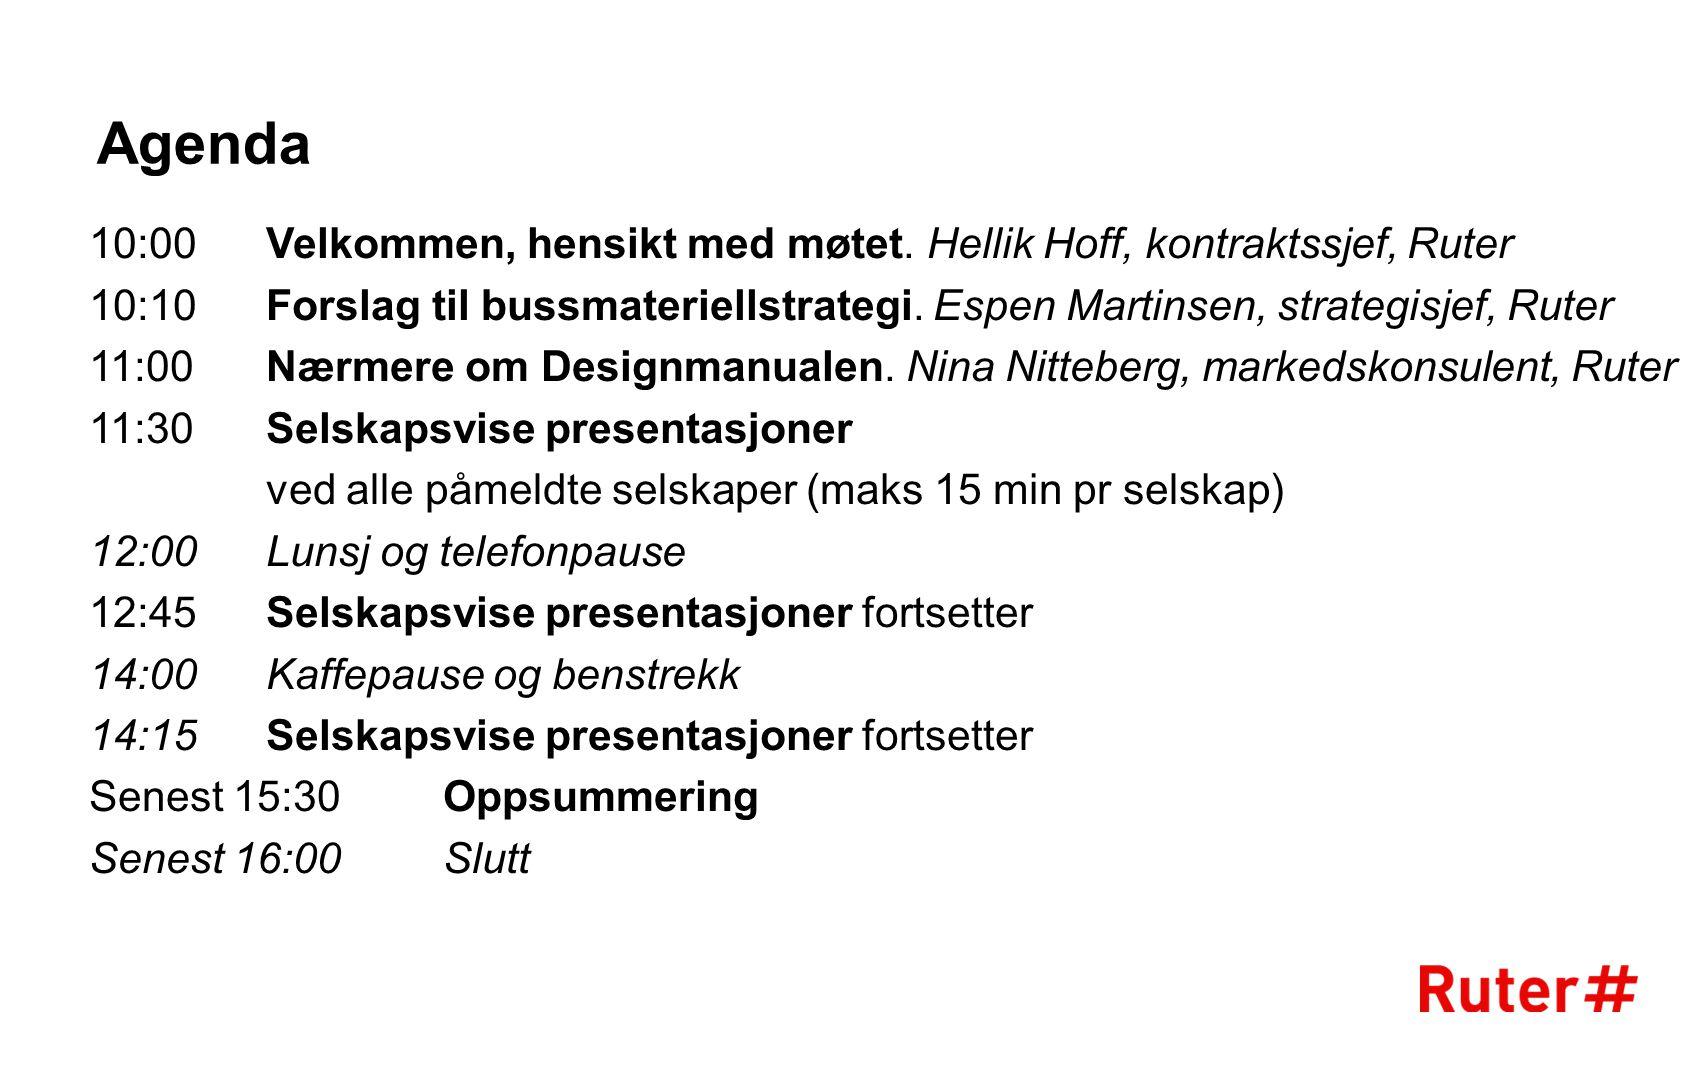 Målene for materiellstrategien  Posisjonsmål: −Utvikle Ruter til å bli Norges ledende kompetansemiljø for innkjøp av kollektivtrafikk.